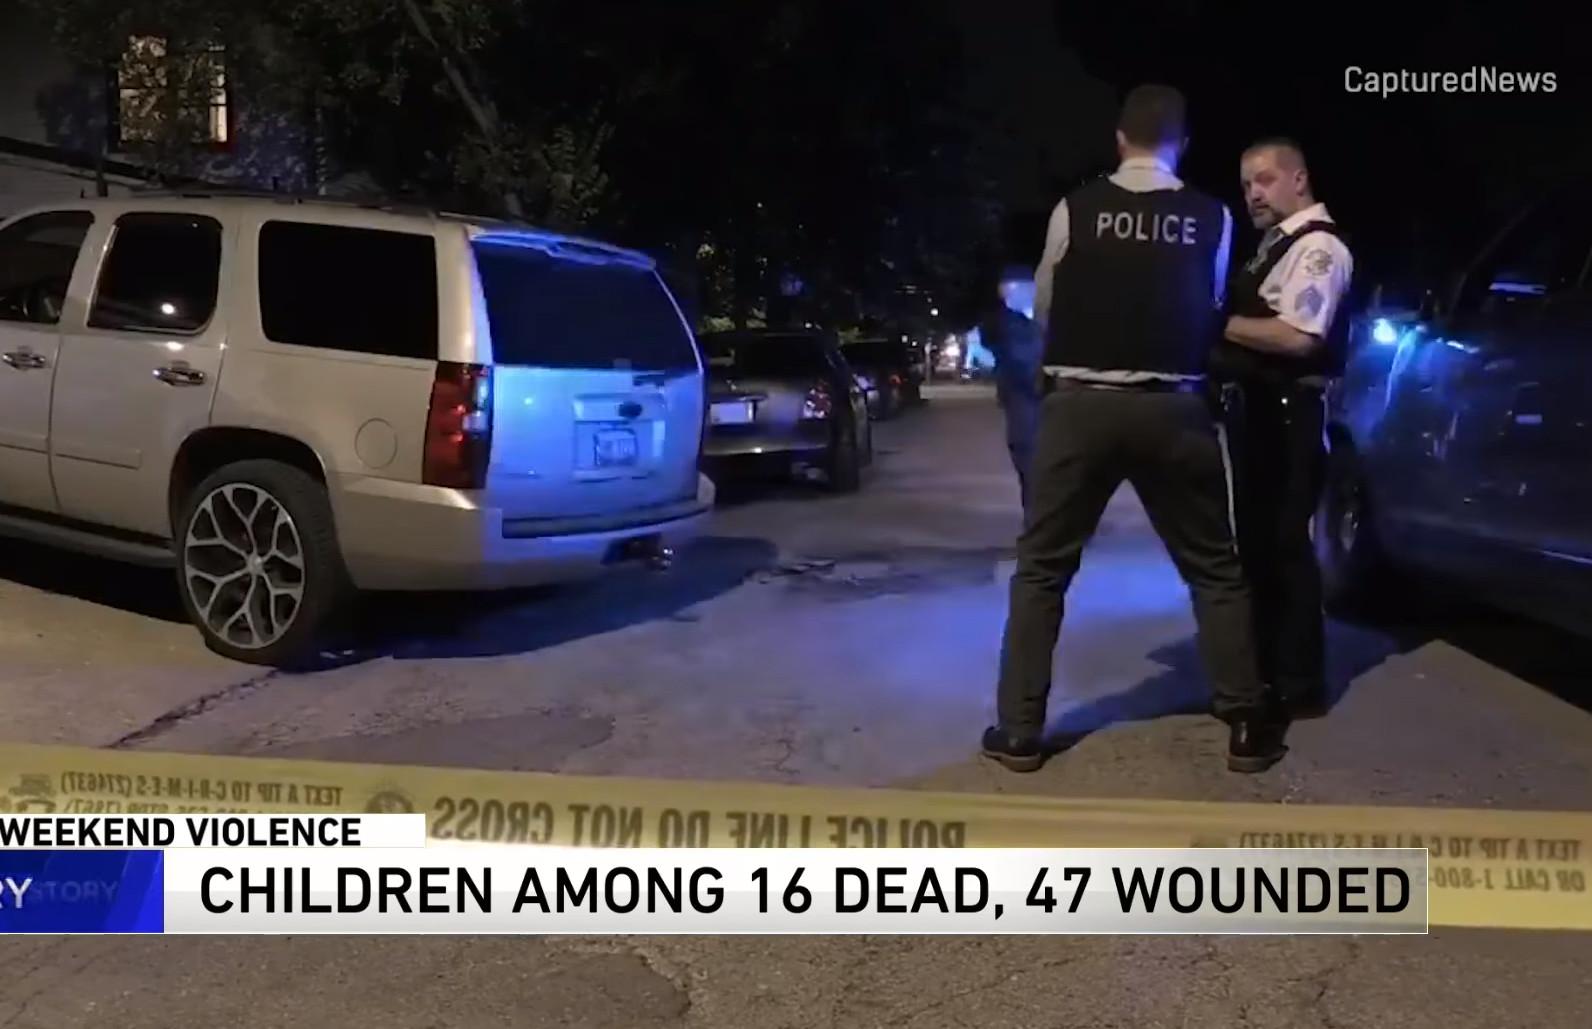 Σικάγο: Αγανάκτηση από τις 2 απανωτές δολοφονίες παιδιών